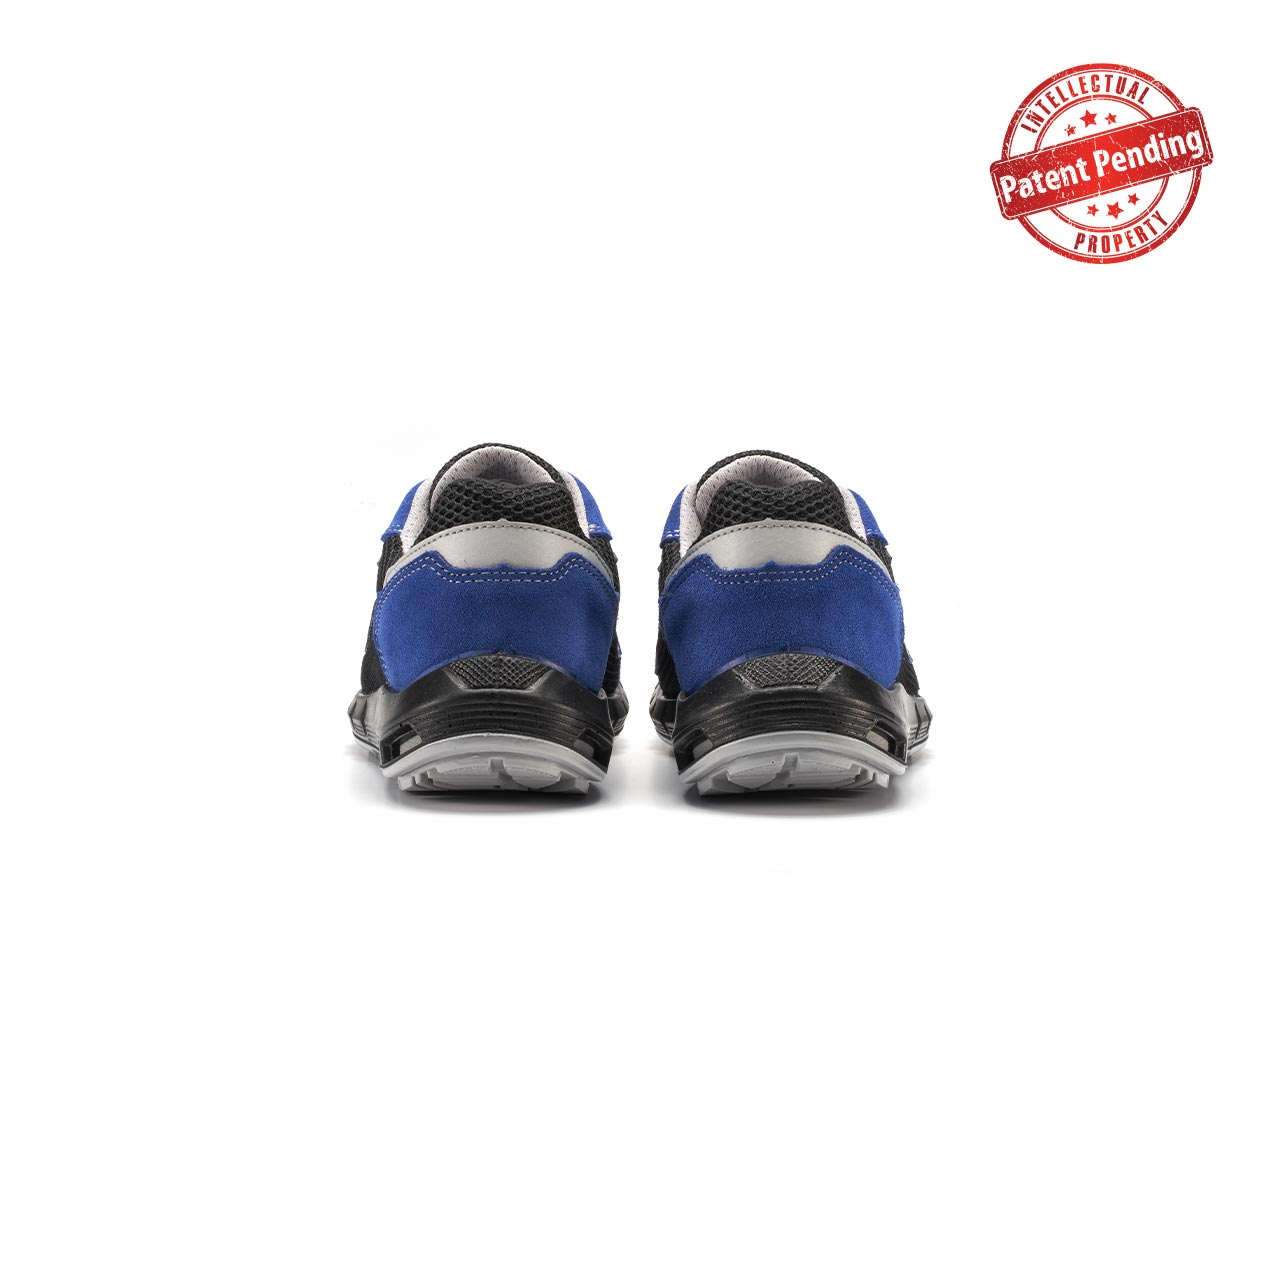 paio di scarpe antinfortunistiche upower modello sky linea redup plus vista retro